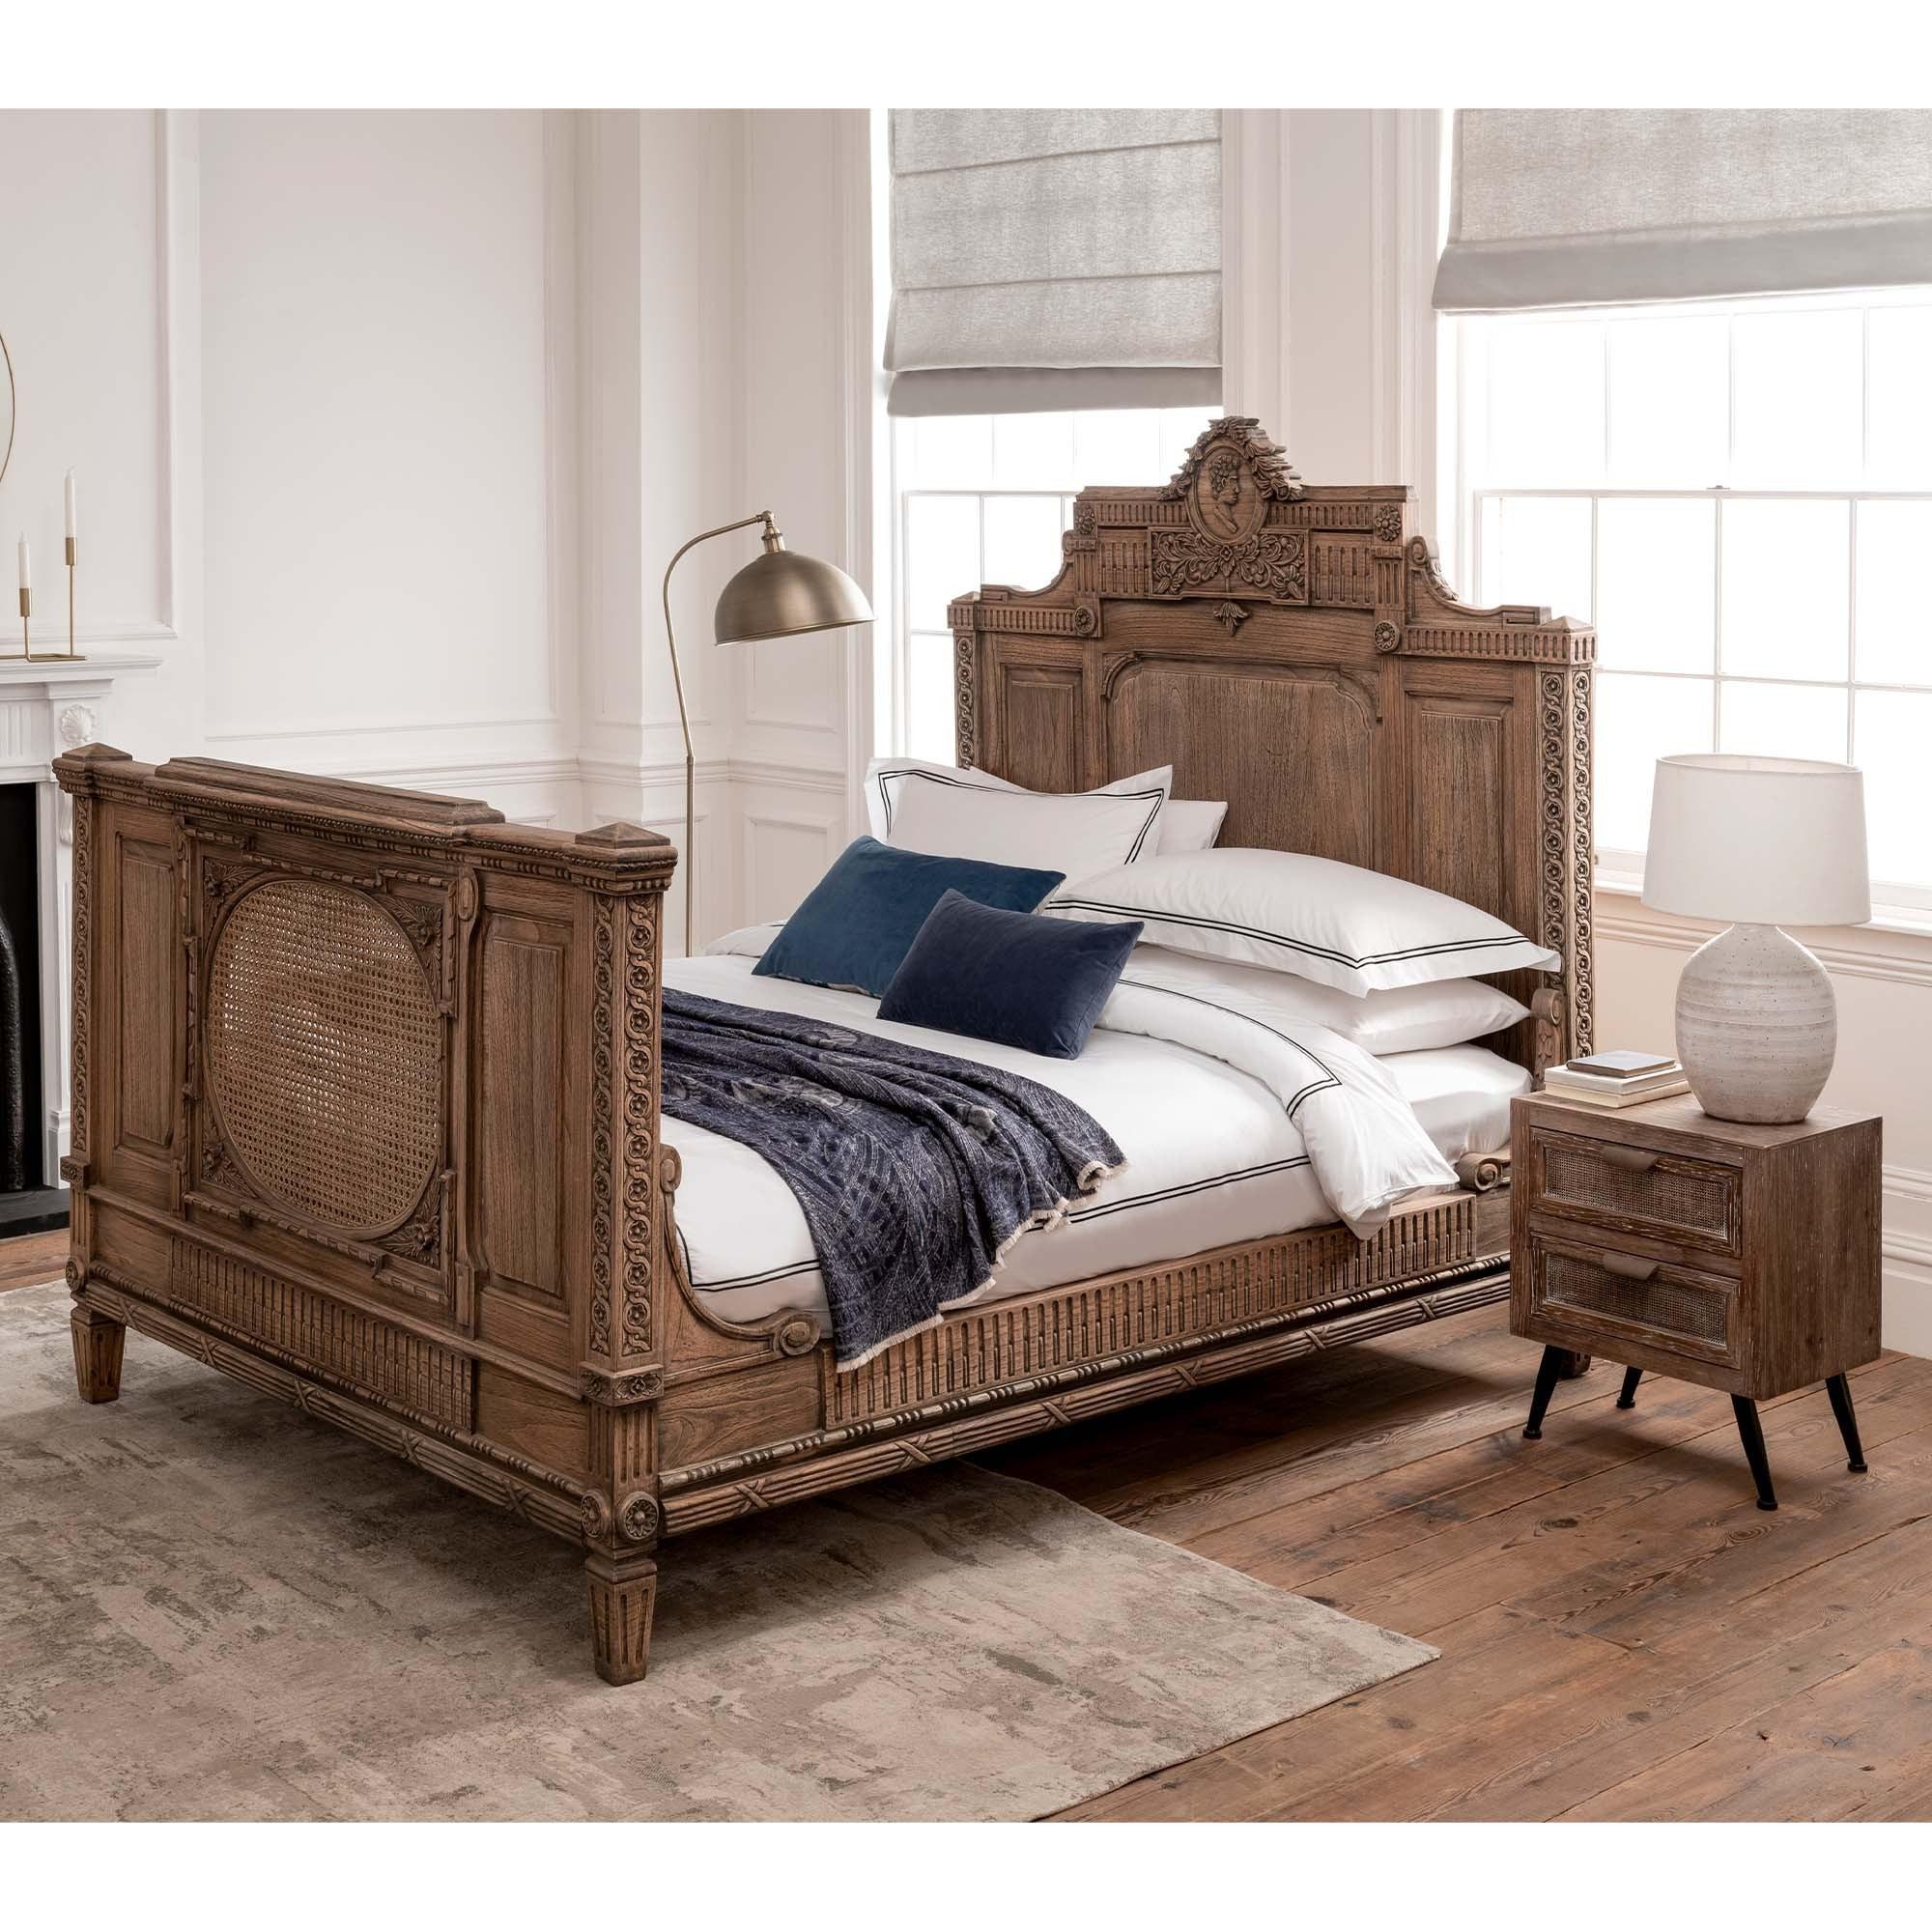 Solid Wood Carved Bed Frame Carved Bed Frame Wooden Bed Frame